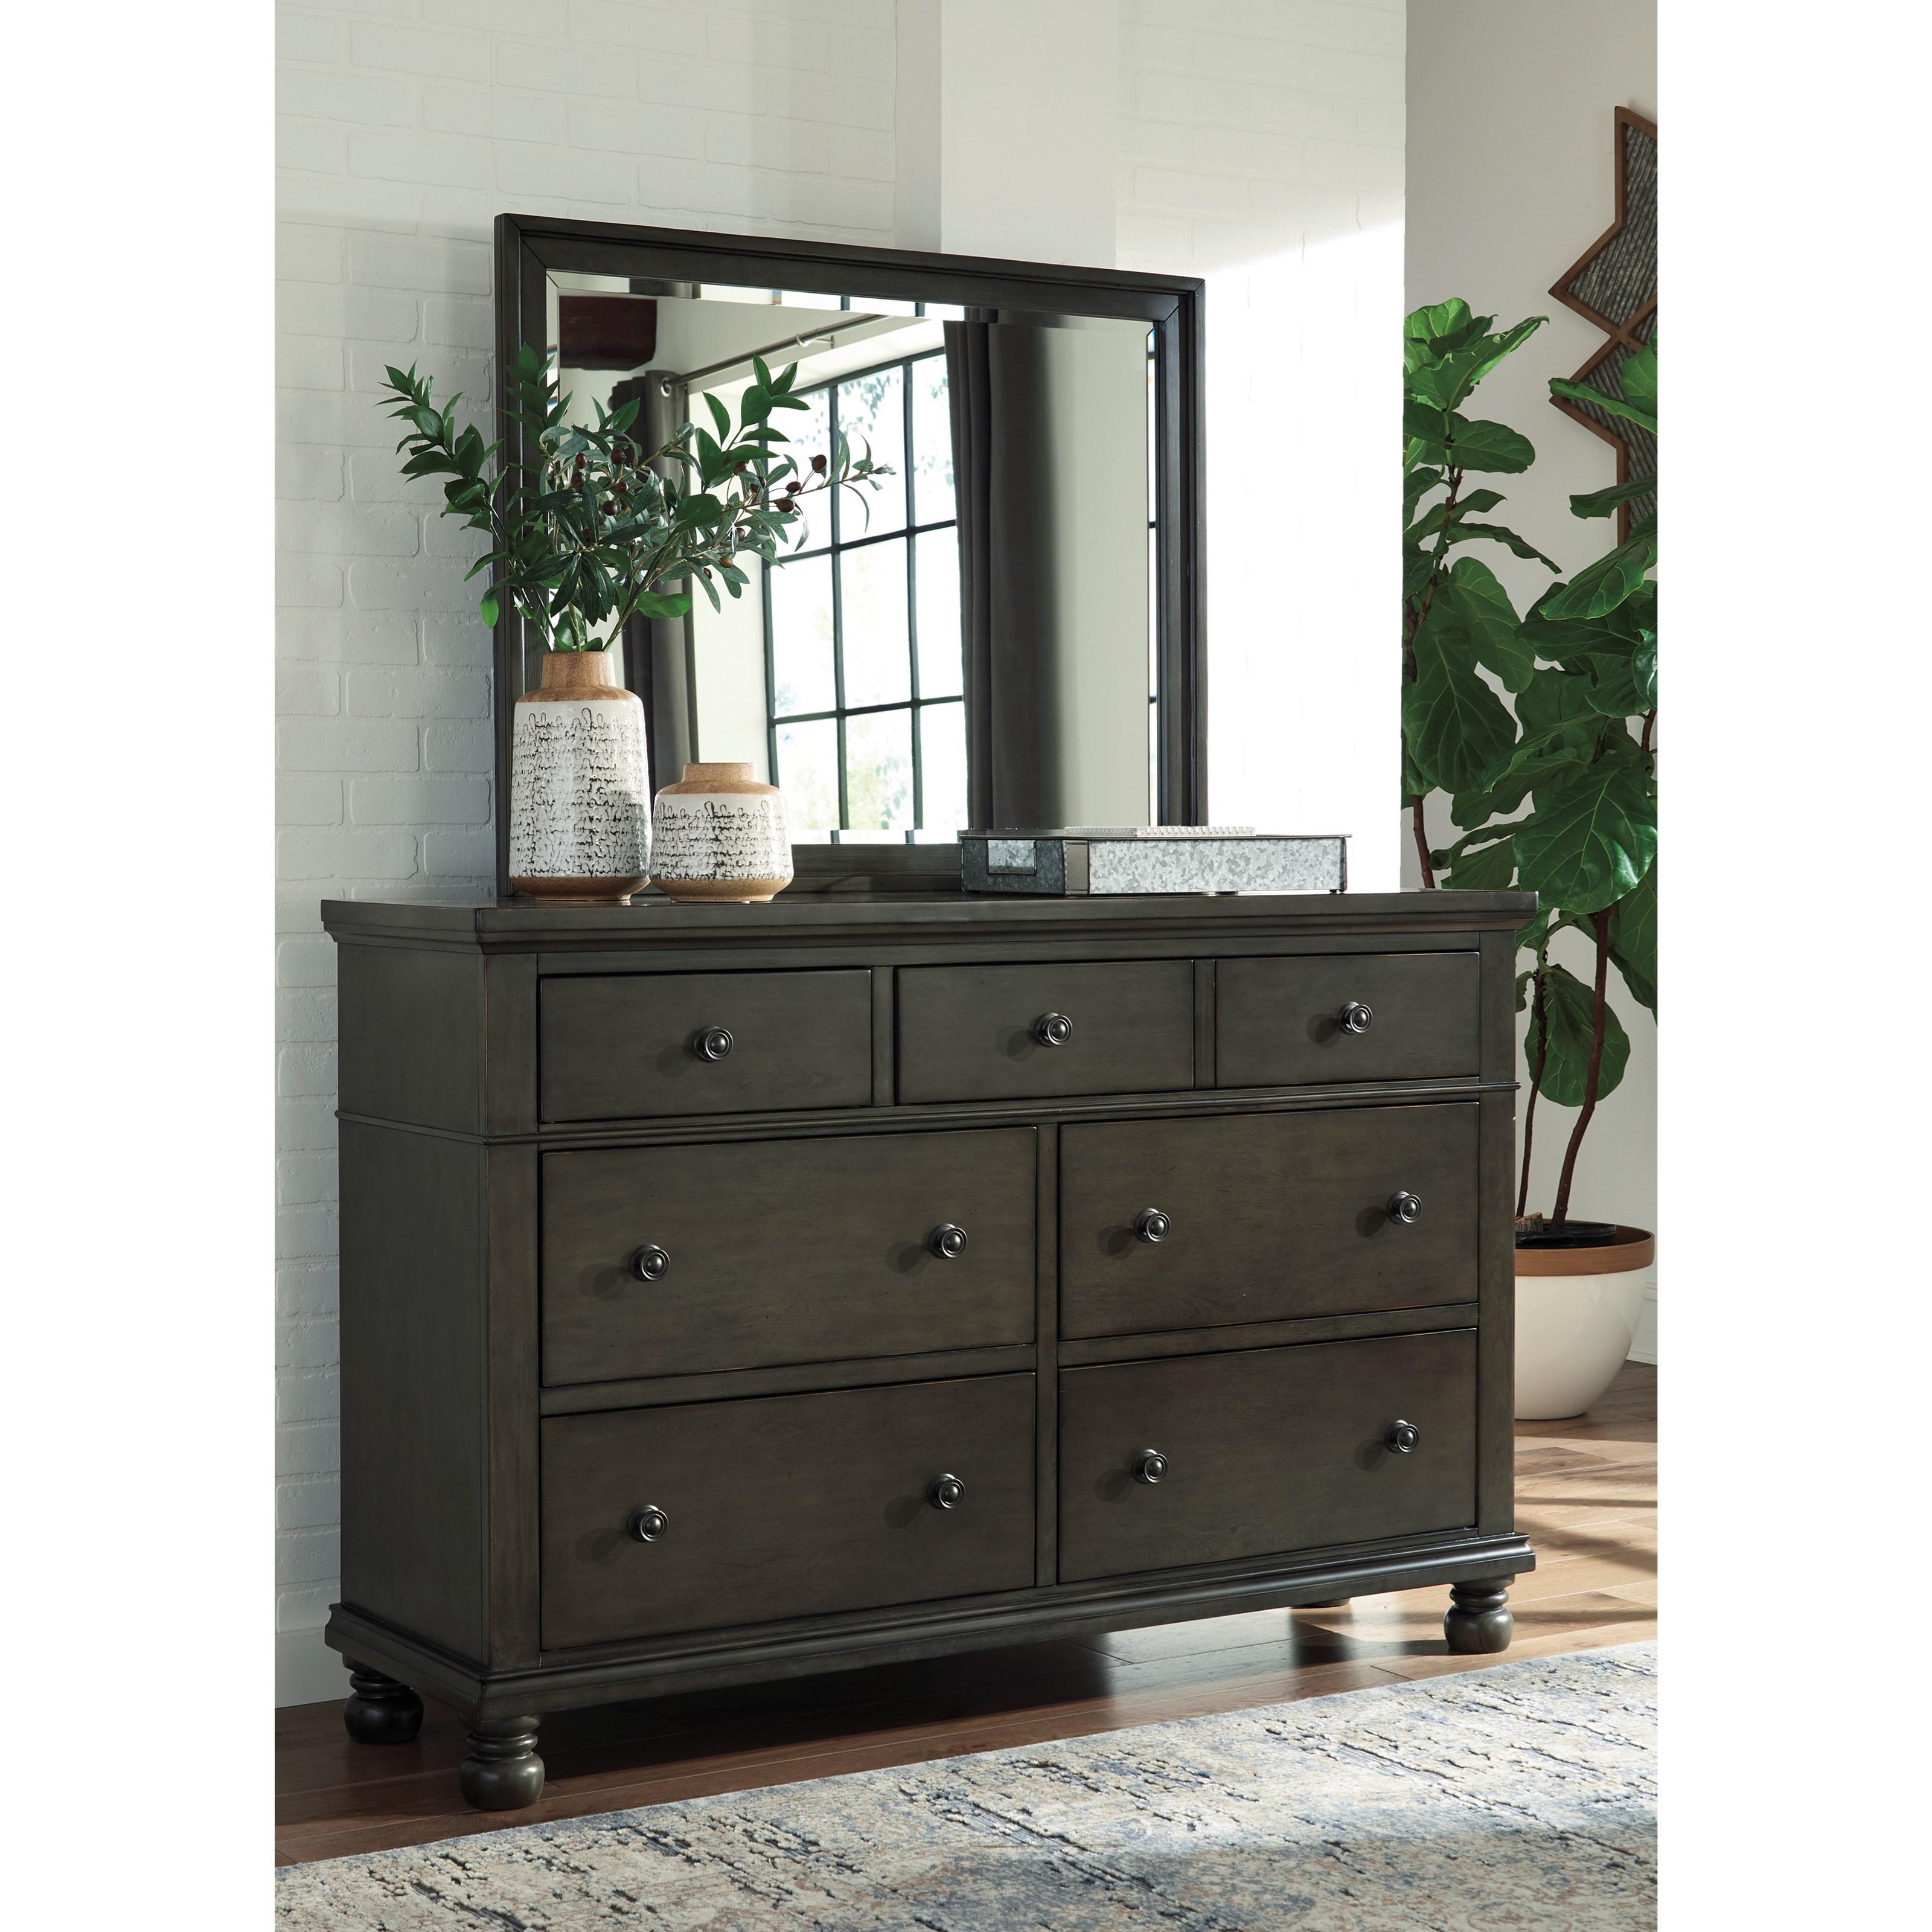 Benchcraft Devensted Transitional Seven Drawer Dresser